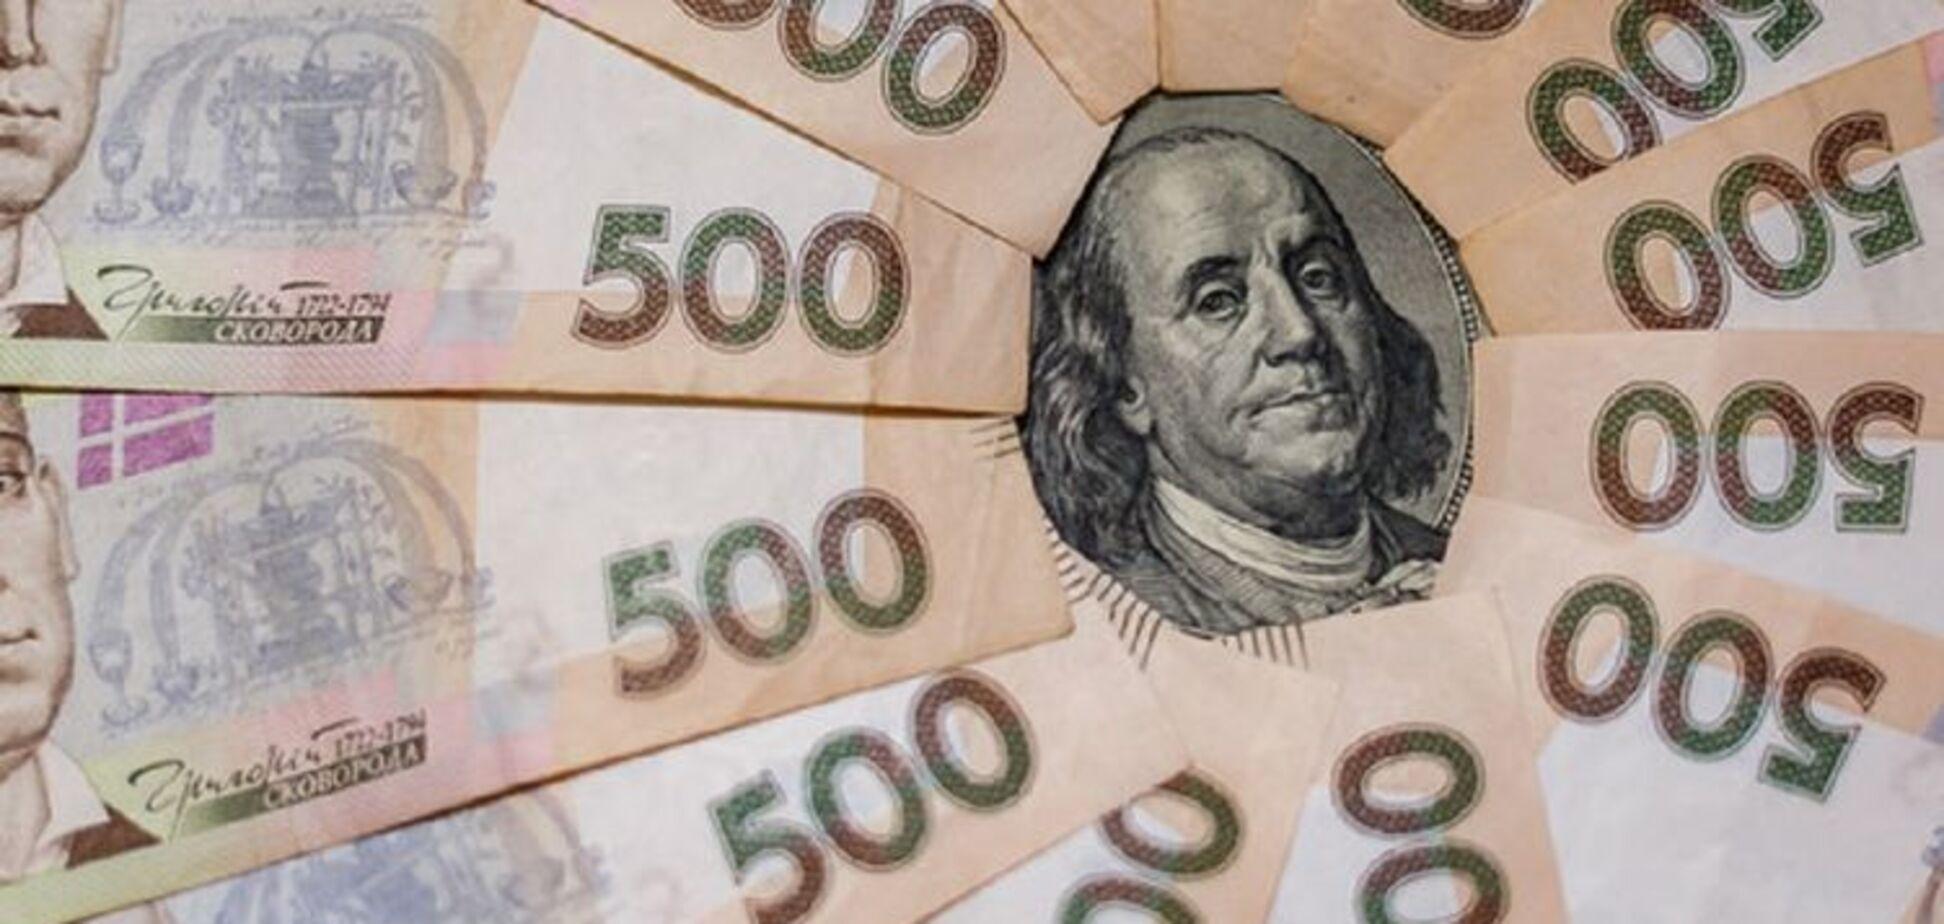 Украинцев ждет новый курс доллара: в НБУ опубликовали стоимость